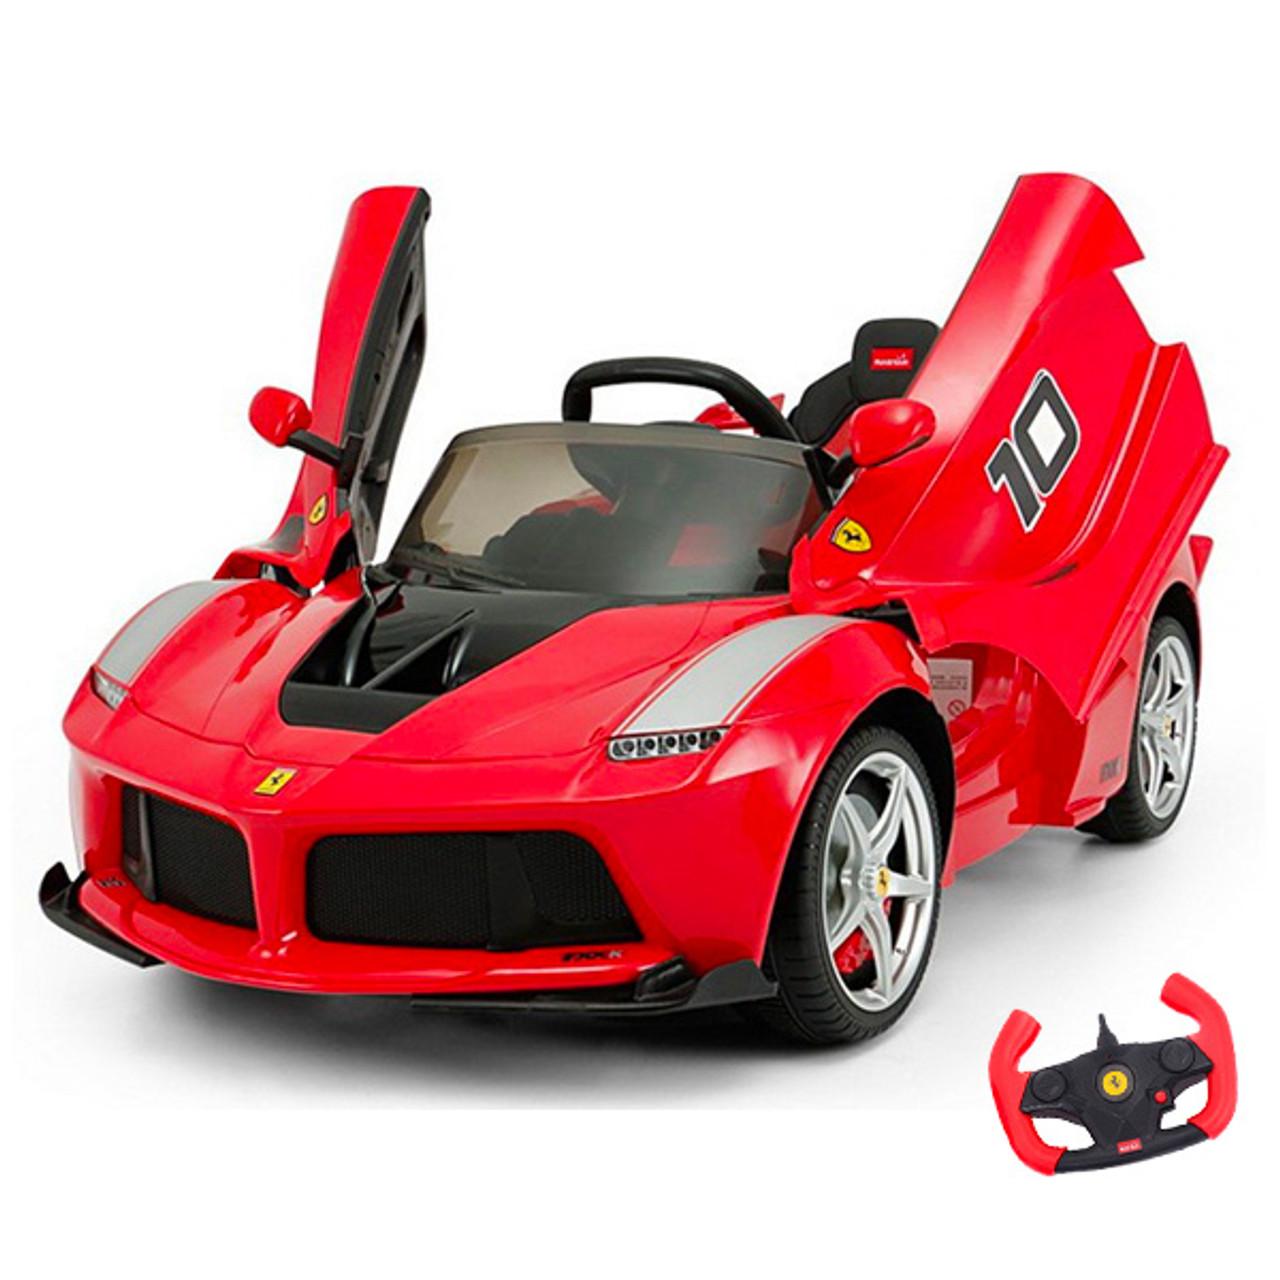 Official Kids Ferrari 12v Laferrari Fxx Ride On Car Peg Perego Battery Toys